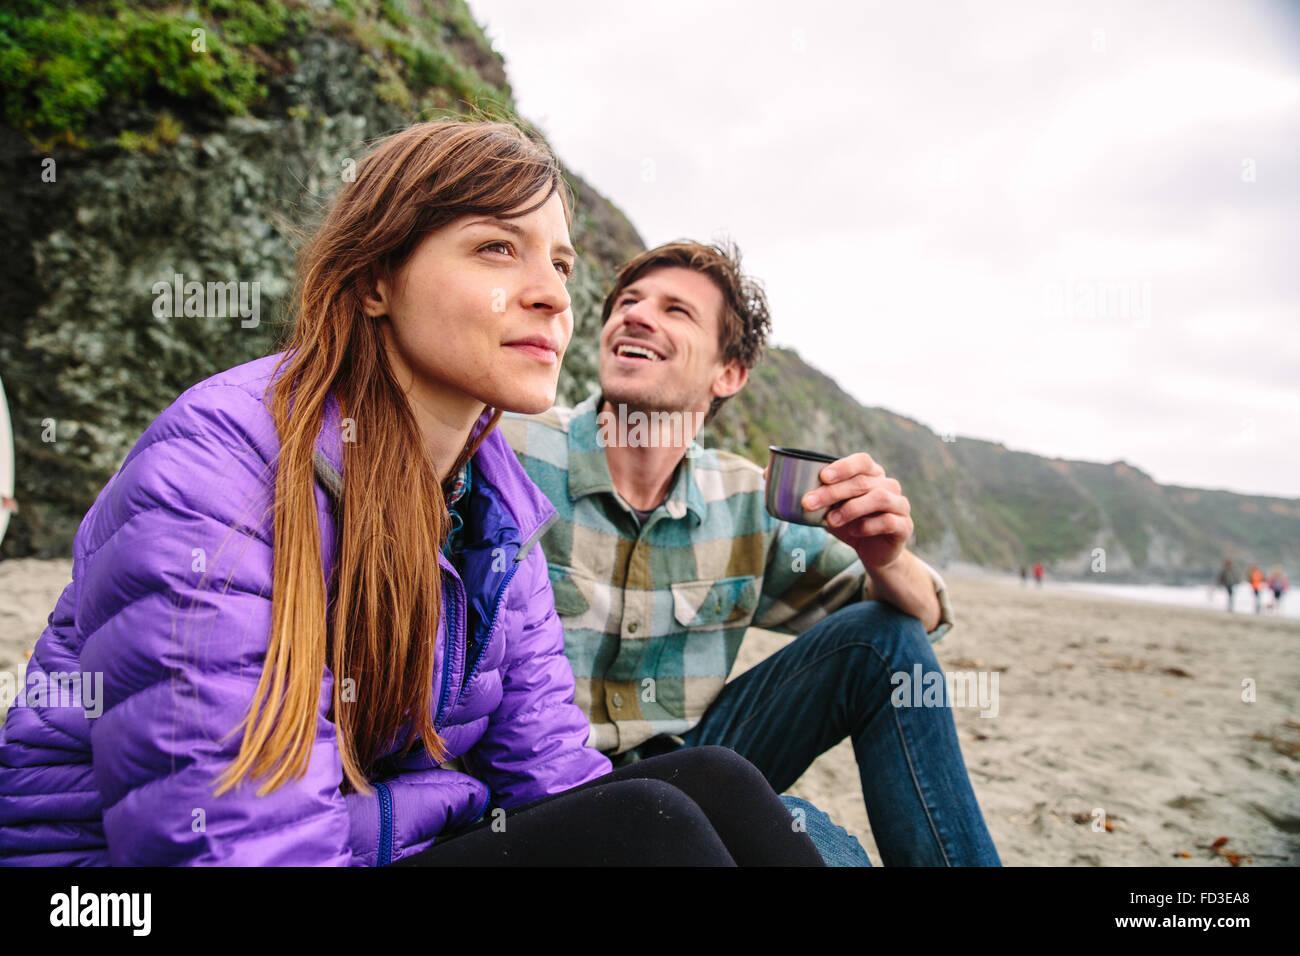 Ein junges Paar genießen einen Nachmittag am Strand von Big Sur, Kalifornien. Stockbild